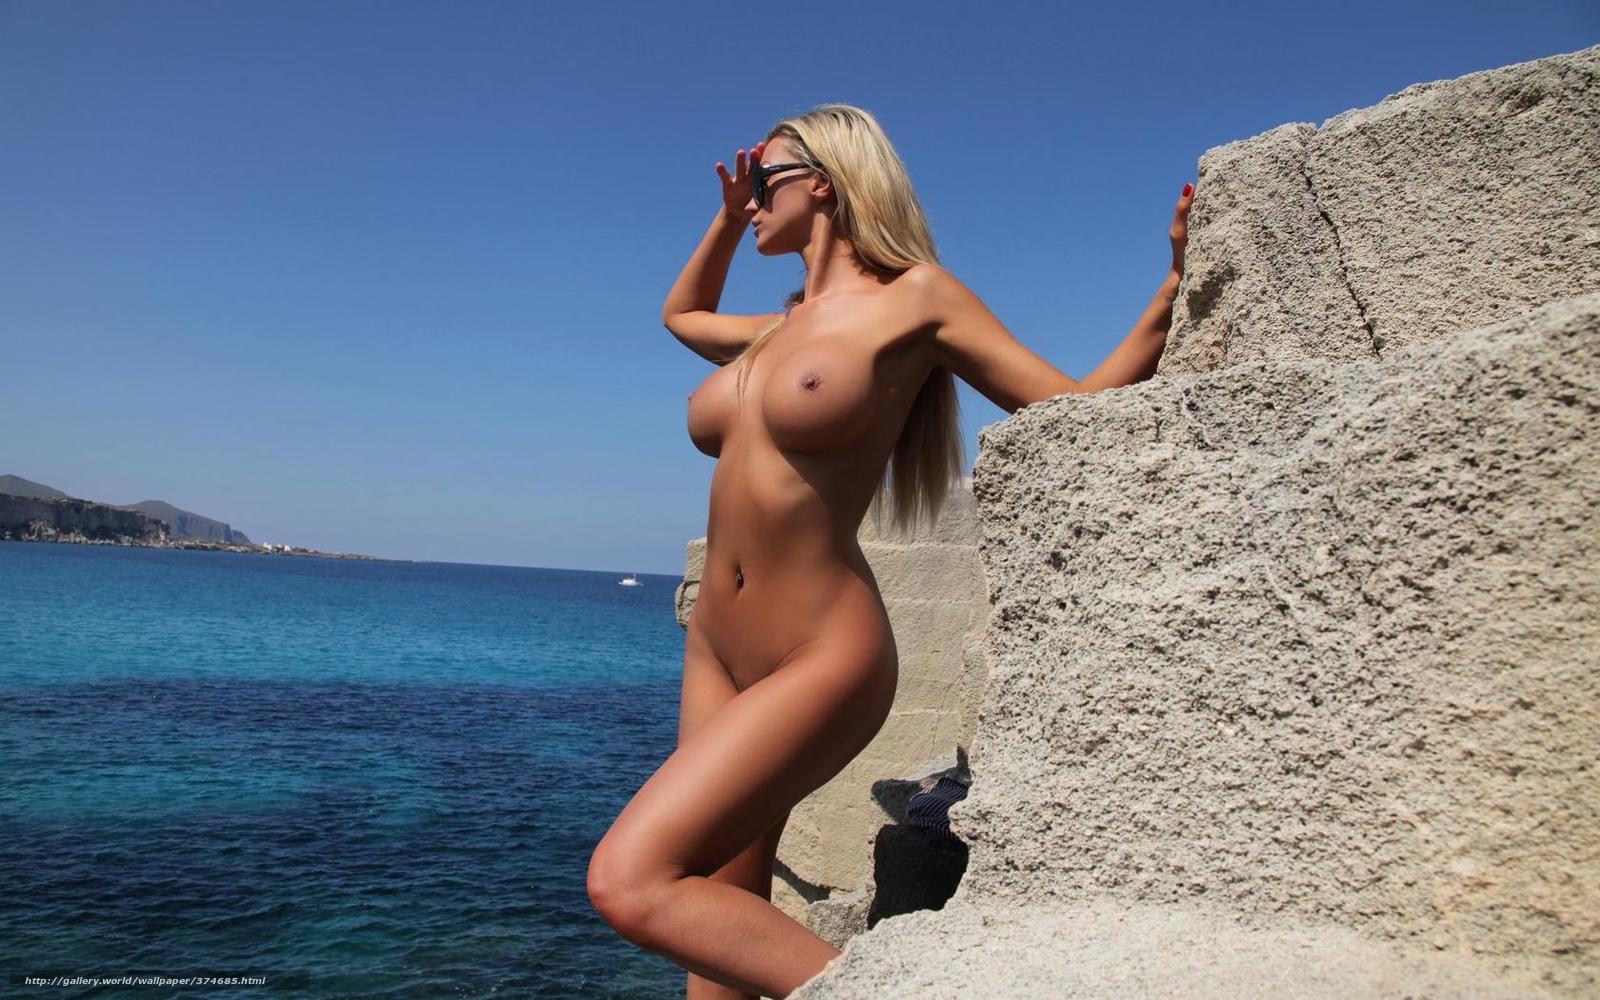 Порно видео с красивыми девушками у моря